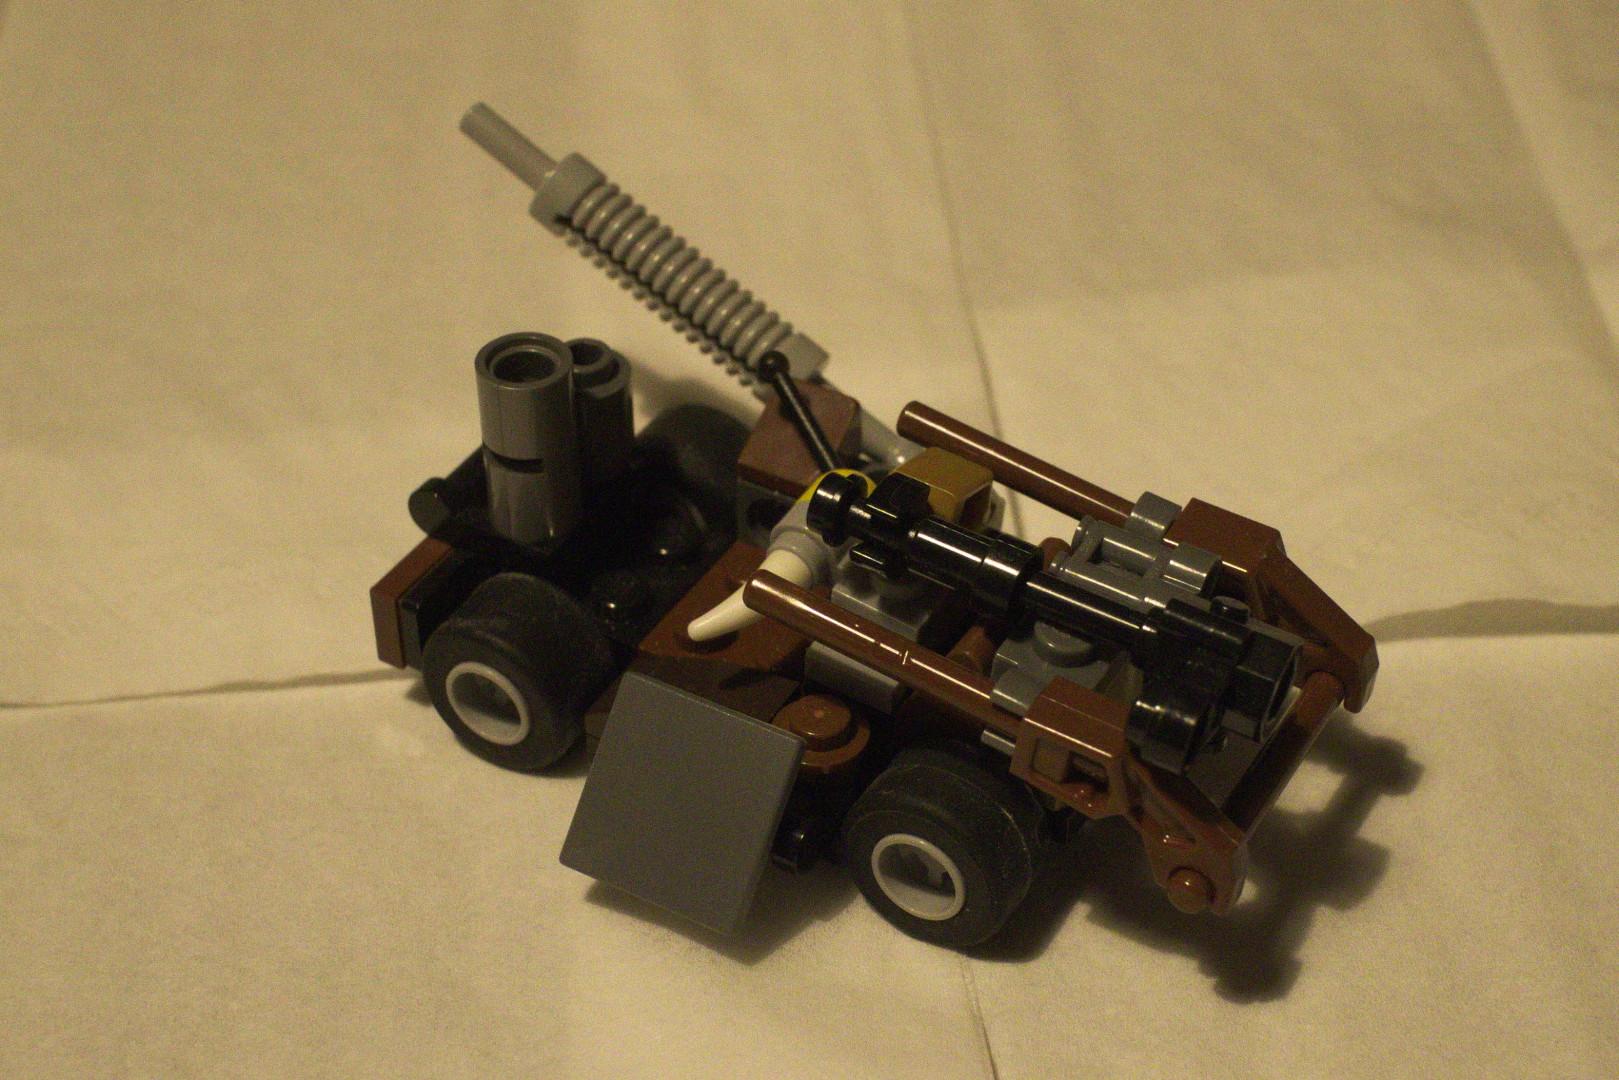 a Lego Mad Max car